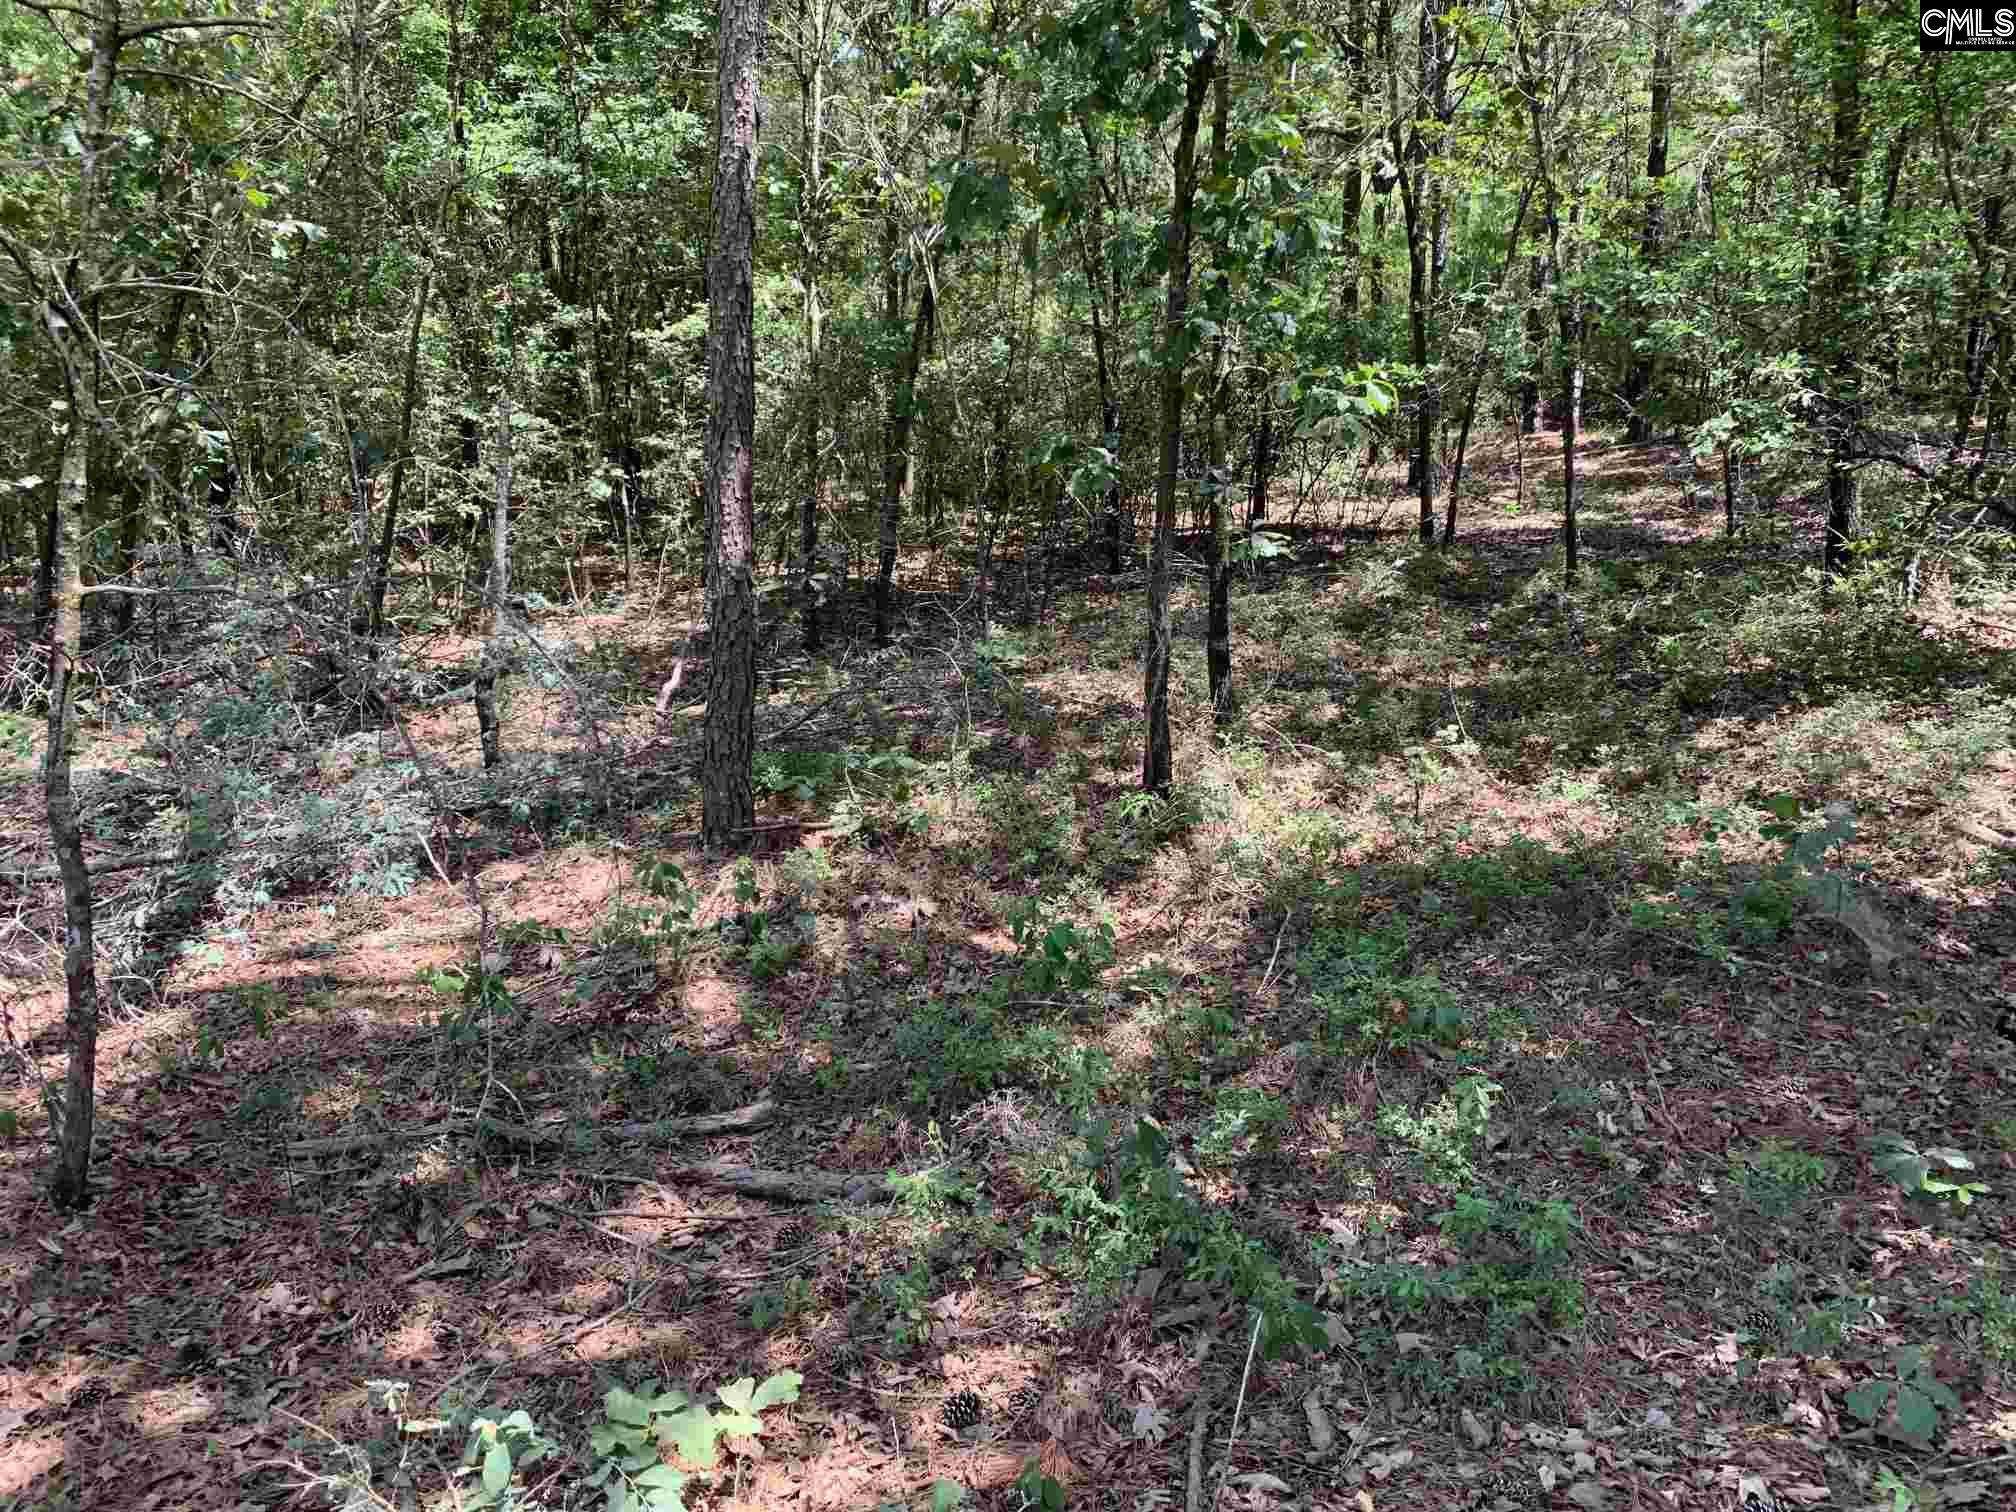 Pine Grove Batesburg, SC 29006